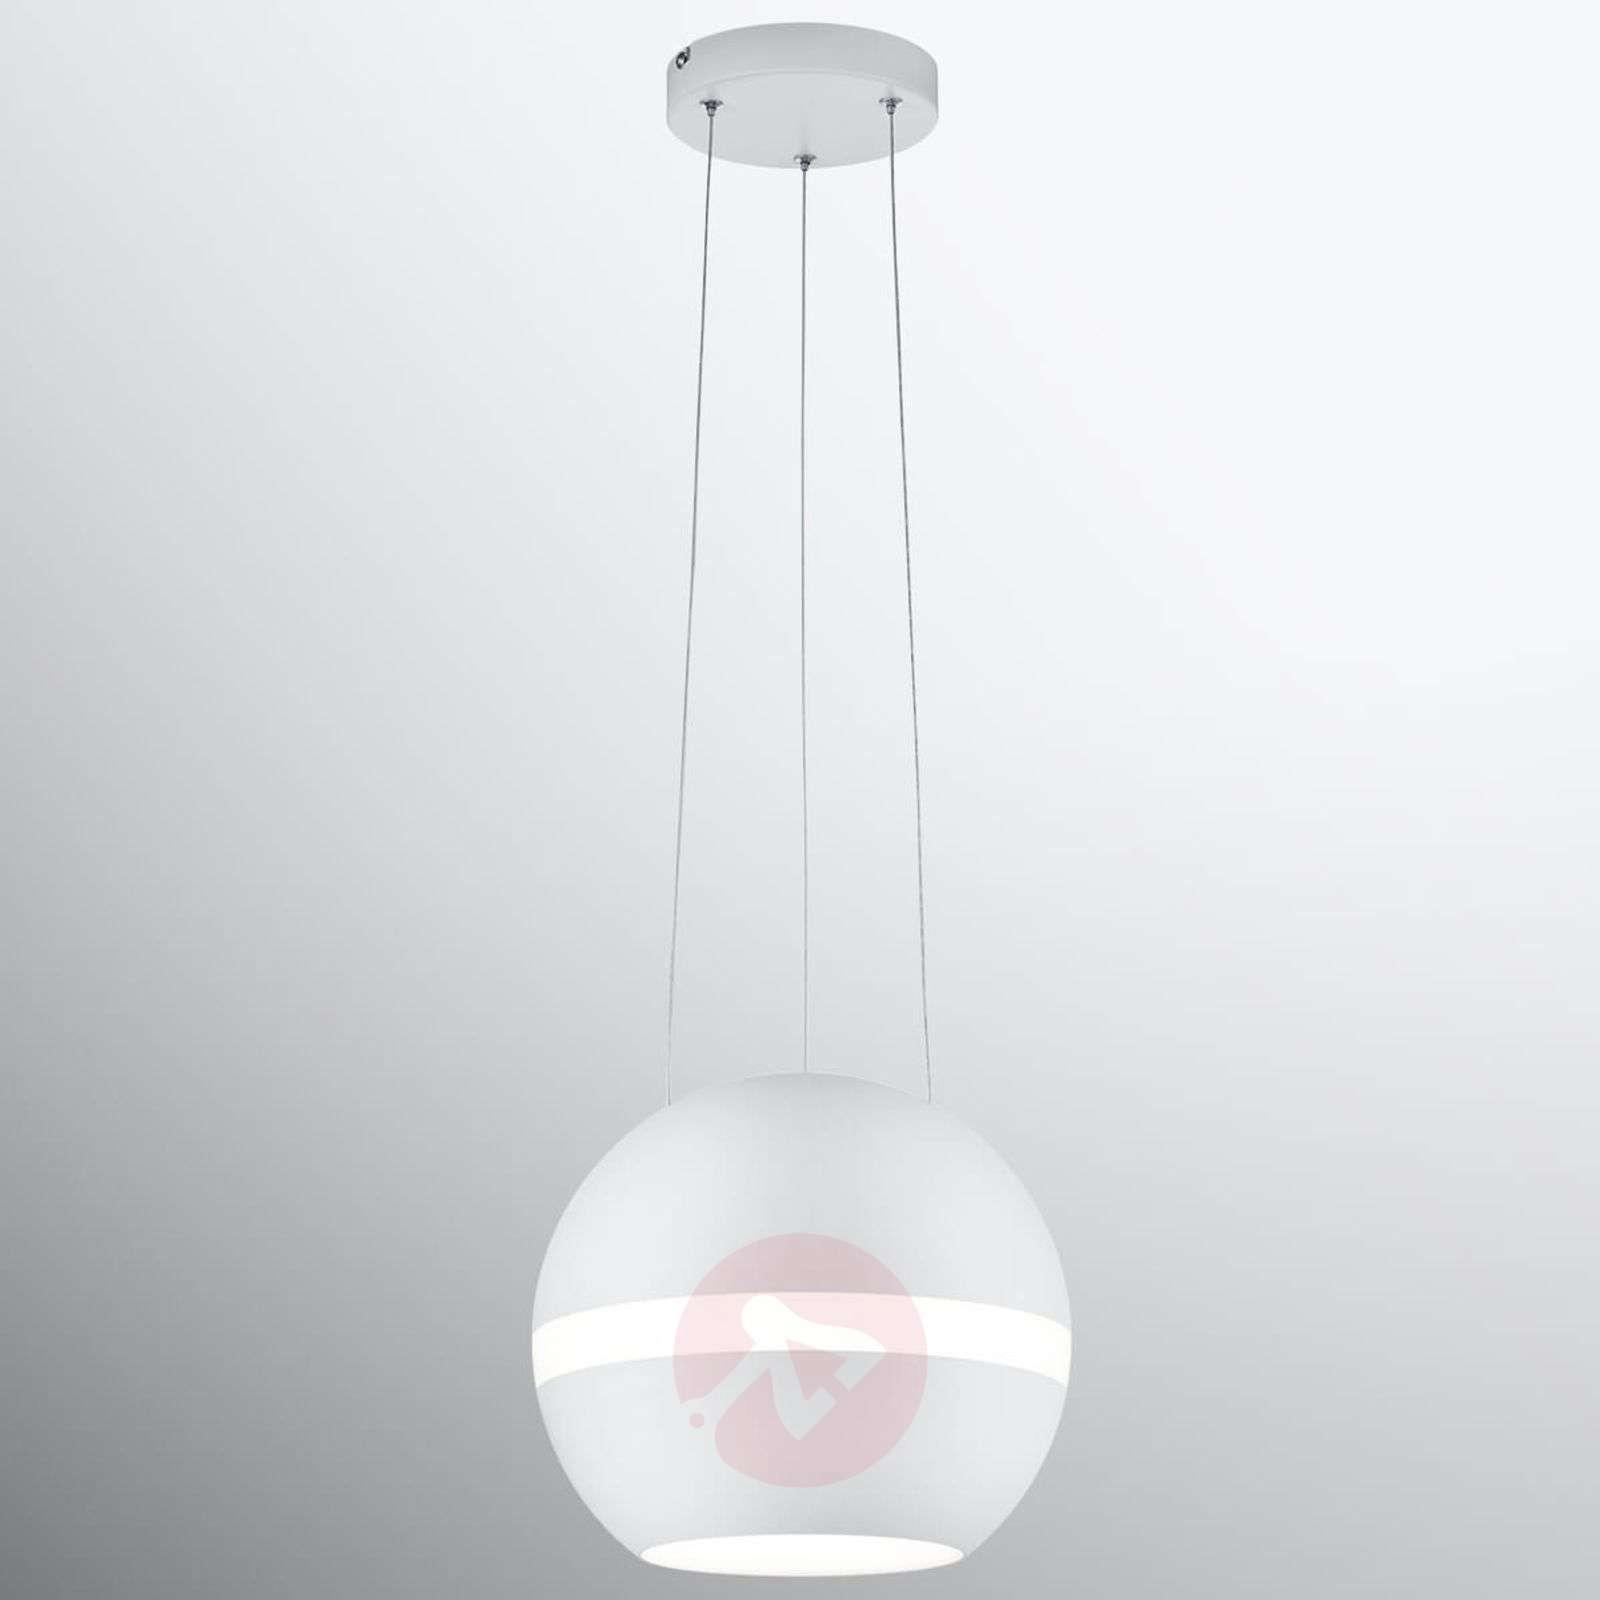 LED-riippuvalaisin Balloon, kytkin-himmennin-9005396-01